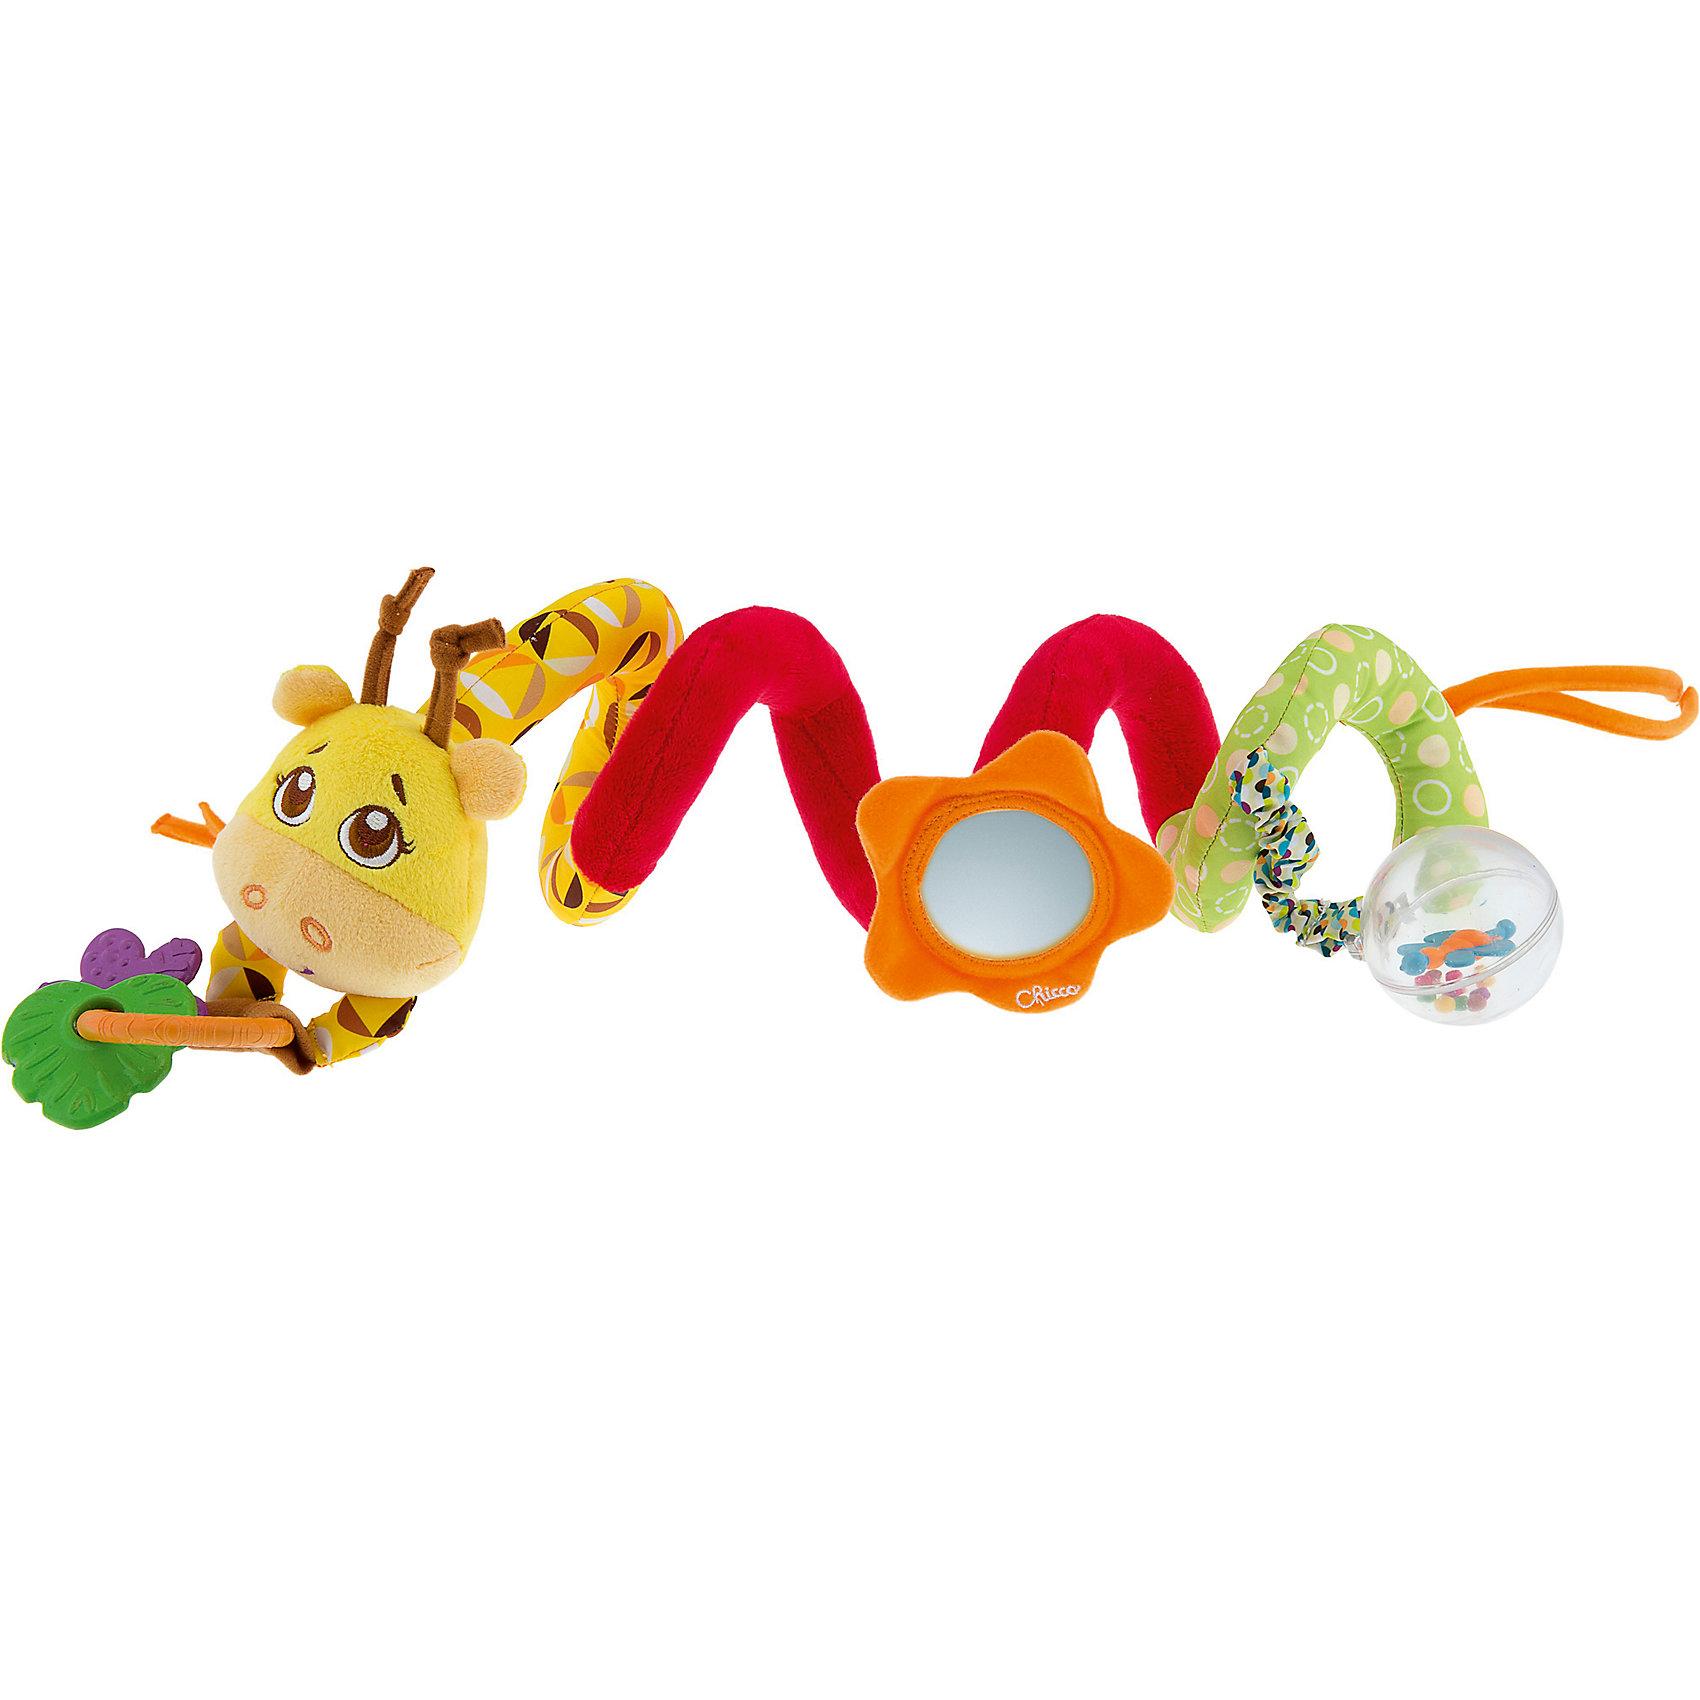 Игрушка для коляски Джунгли на прогулке, ChiccoИгрушки для малышей<br>Игрушка для коляски Джунгли на прогулке, Chicco (Чикко) - это яркая цветная игрушка для коляски с множеством игровых элементов.<br>Игрушка для коляски Джунгли на прогулке от Chicco (Чикко) привлечет внимание вашего малыша и не позволит ему скучать! Игрушка выполнена из и яркого текстильного материала разных фактур. Вытянутая форма изделия украшена симпатичной мордочкой жирафа. По бокам игрушки расположены завязки, для крепления на коляску. К игрушке пришиты разные элементы: безопасное зеркальце, прорезыватели и прозрачная крутящаяся сфера, внутри которой находятся маленькие разноцветные гремящие шарики и бабочка. Игрушку можно повесить на коляску, кроватку, или дать малышу как погремушку. Яркая игрушка поможет малышу в развитии цветового и звукового восприятия, концентрации внимания, мелкой моторики рук, координации движений и тактильных ощущений. Изготовлена из безопасных для здоровья ребенка материалов. При желании поверхность игрушки можно аккуратно вымыть.<br><br>Дополнительная информация:<br><br>- Размер игрушки в скрученном виде: 25 х 11 х 11 см.<br>- Материал: высококачественный пластик, текстиль<br>- Размер упаковки: 25 х 20 х 12 см.<br>- Вес: 190 гр.<br><br>Игрушку для коляски Джунгли на прогулке, Chicco (Чикко) можно купить в нашем интернет-магазине.<br><br>Ширина мм: 259<br>Глубина мм: 208<br>Высота мм: 114<br>Вес г: 211<br>Возраст от месяцев: 6<br>Возраст до месяцев: 24<br>Пол: Унисекс<br>Возраст: Детский<br>SKU: 3943190